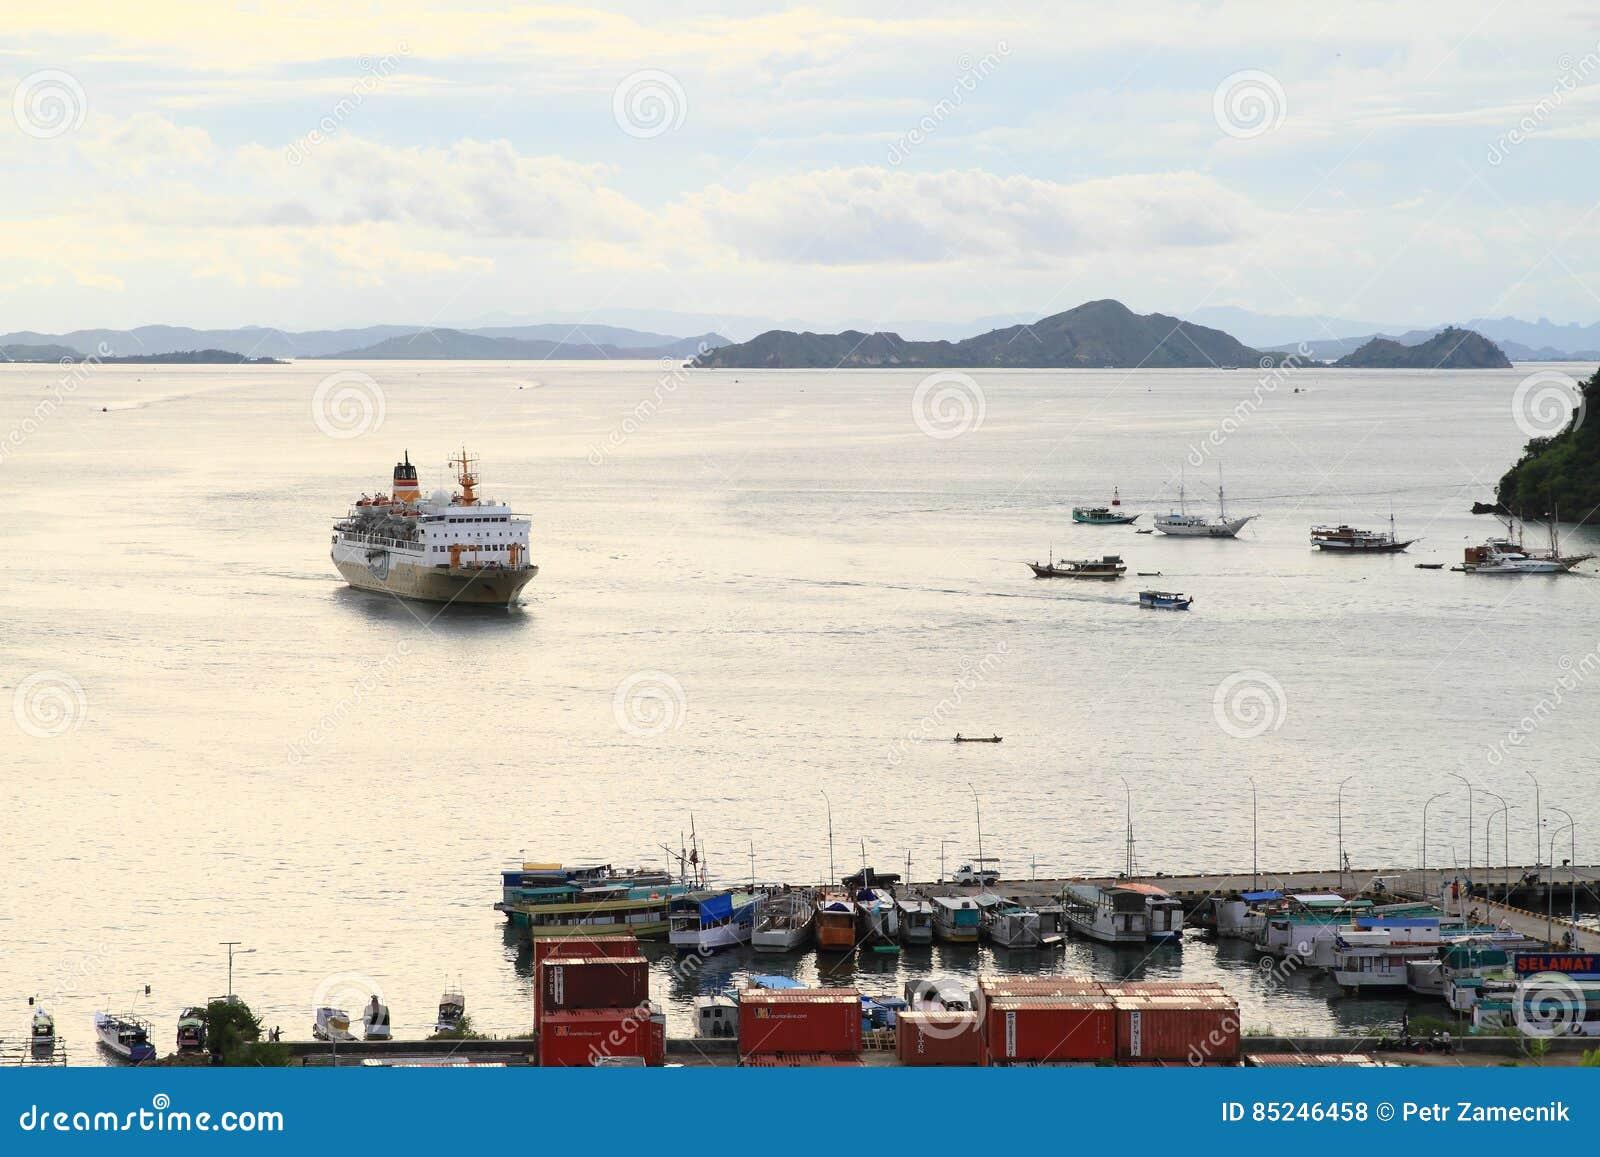 Harbor in Labuan Bajo